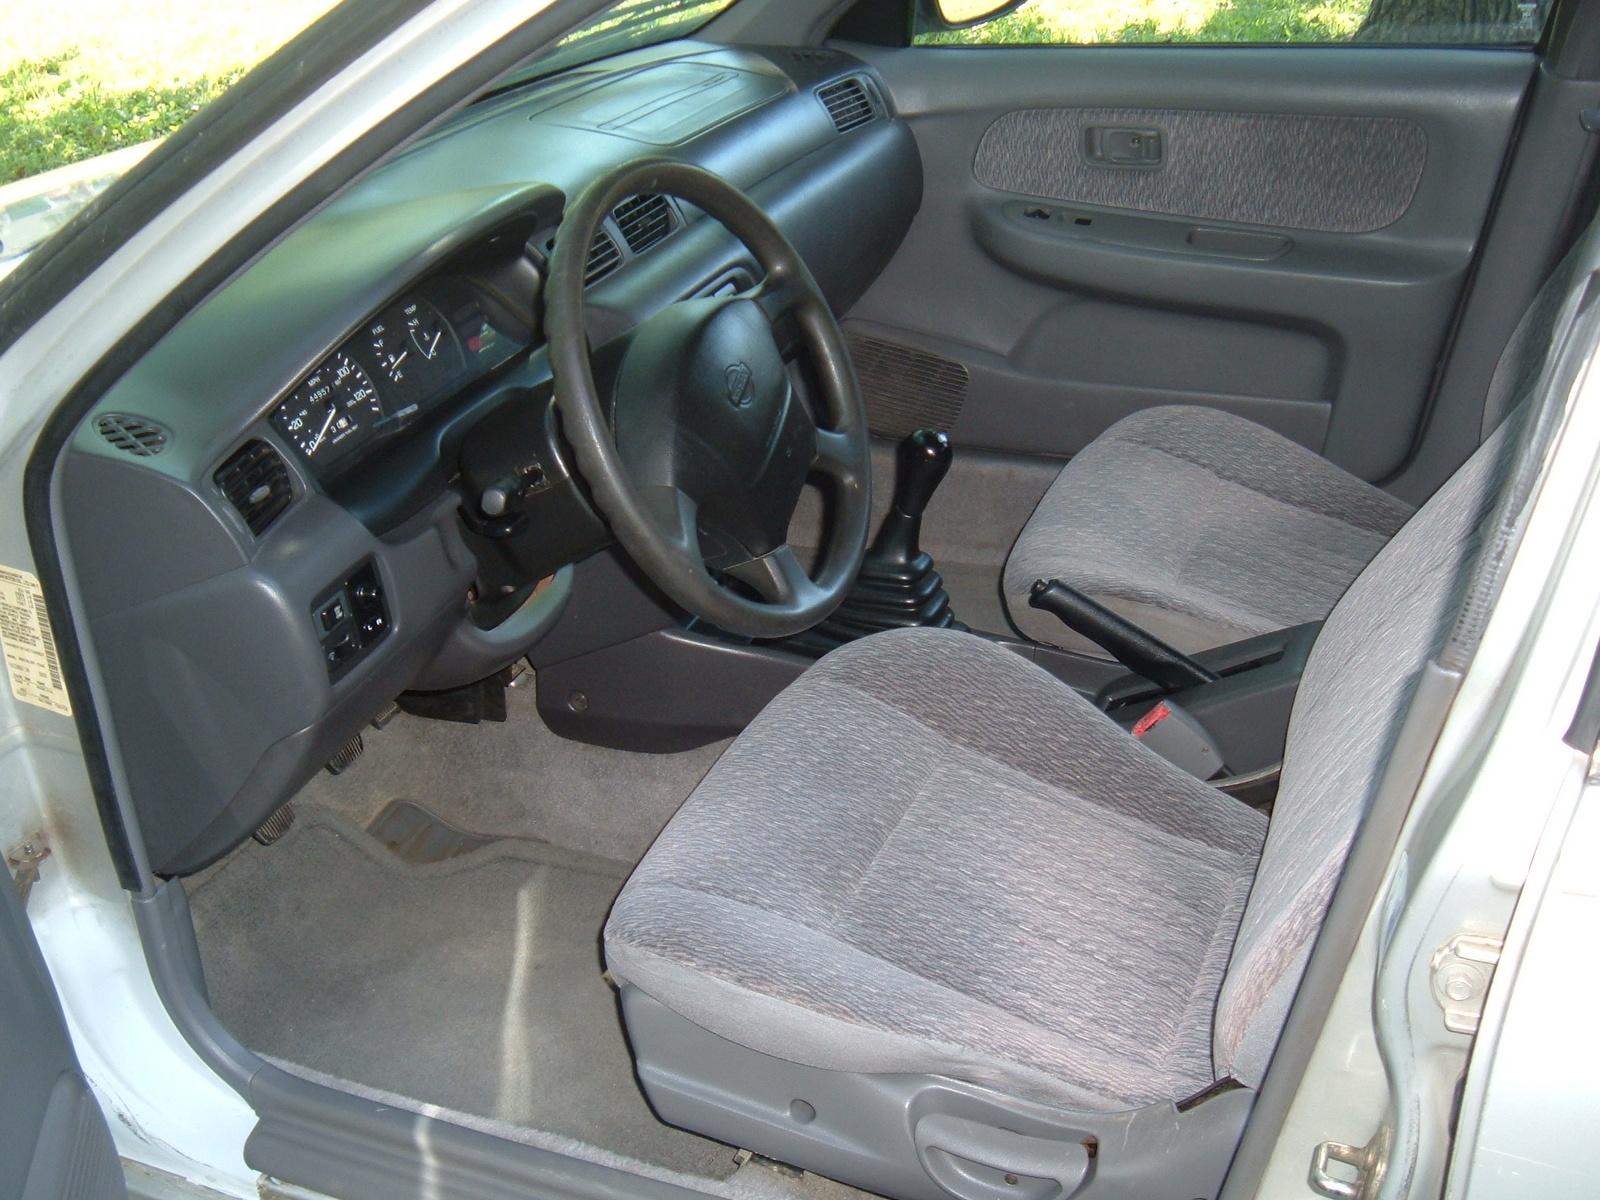 1998 Nissan Sentra - Interior Pictures - CarGurus